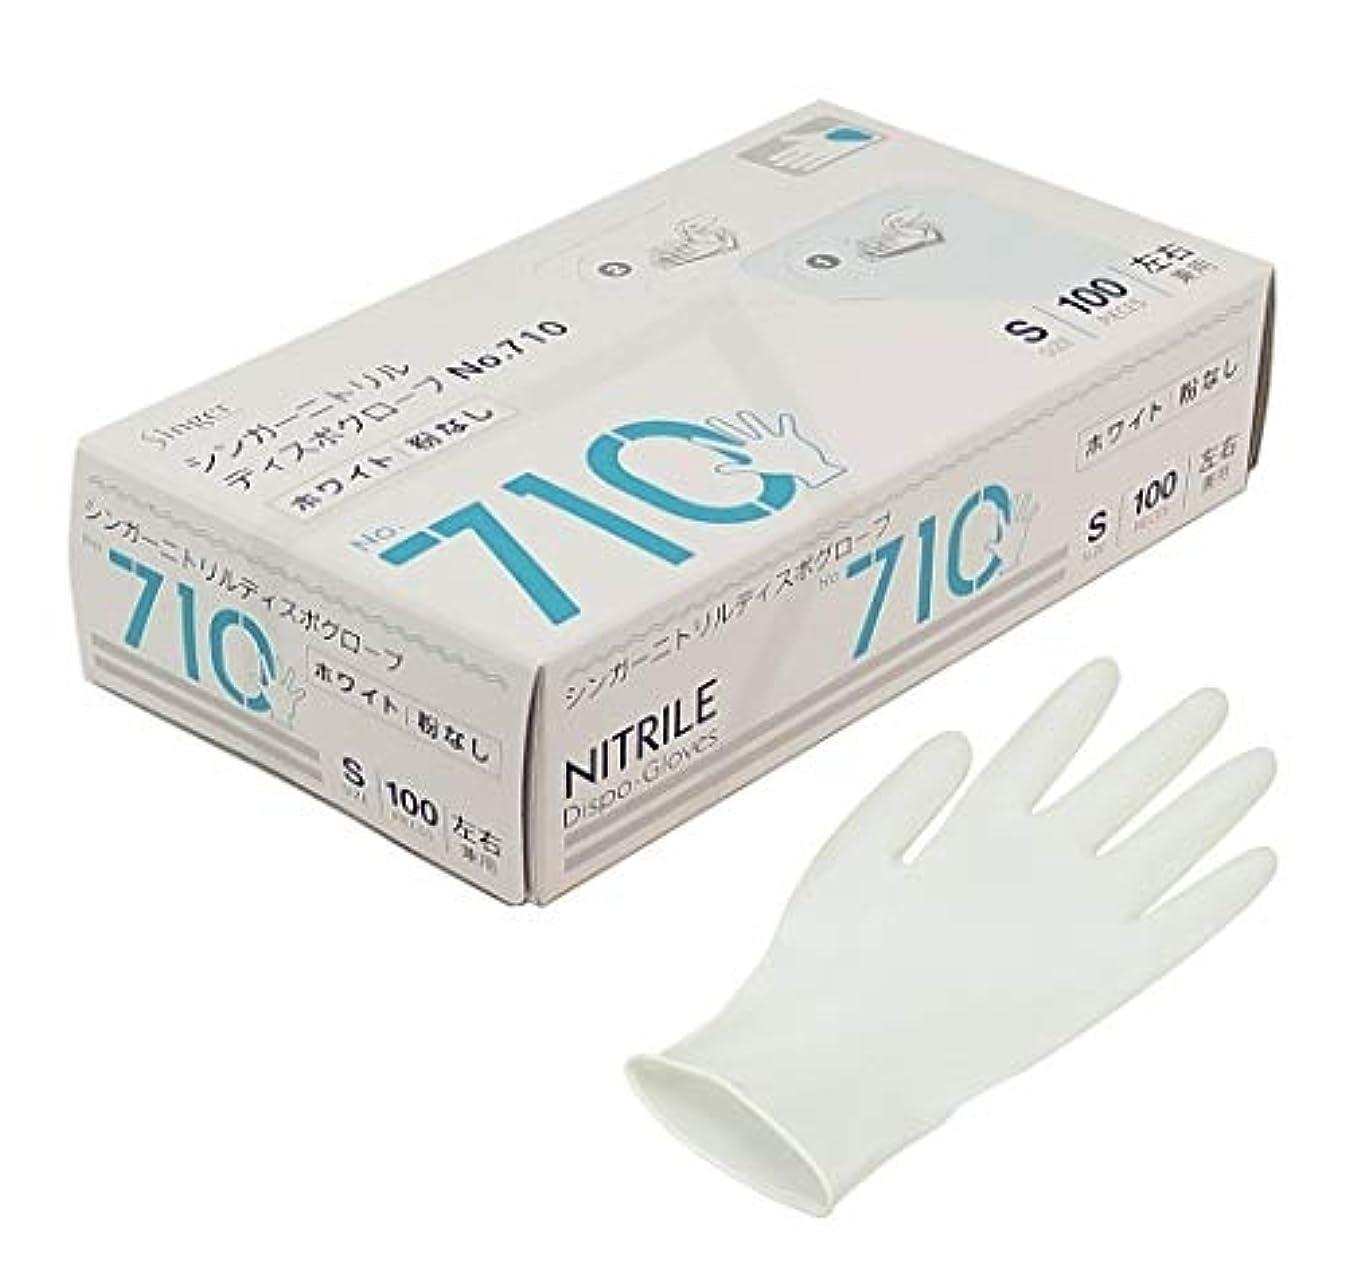 相対性理論刺すアラバマシンガー ニトリルディスポグローブ(手袋) No.710 ホワイト パウダーフリー(100枚) S